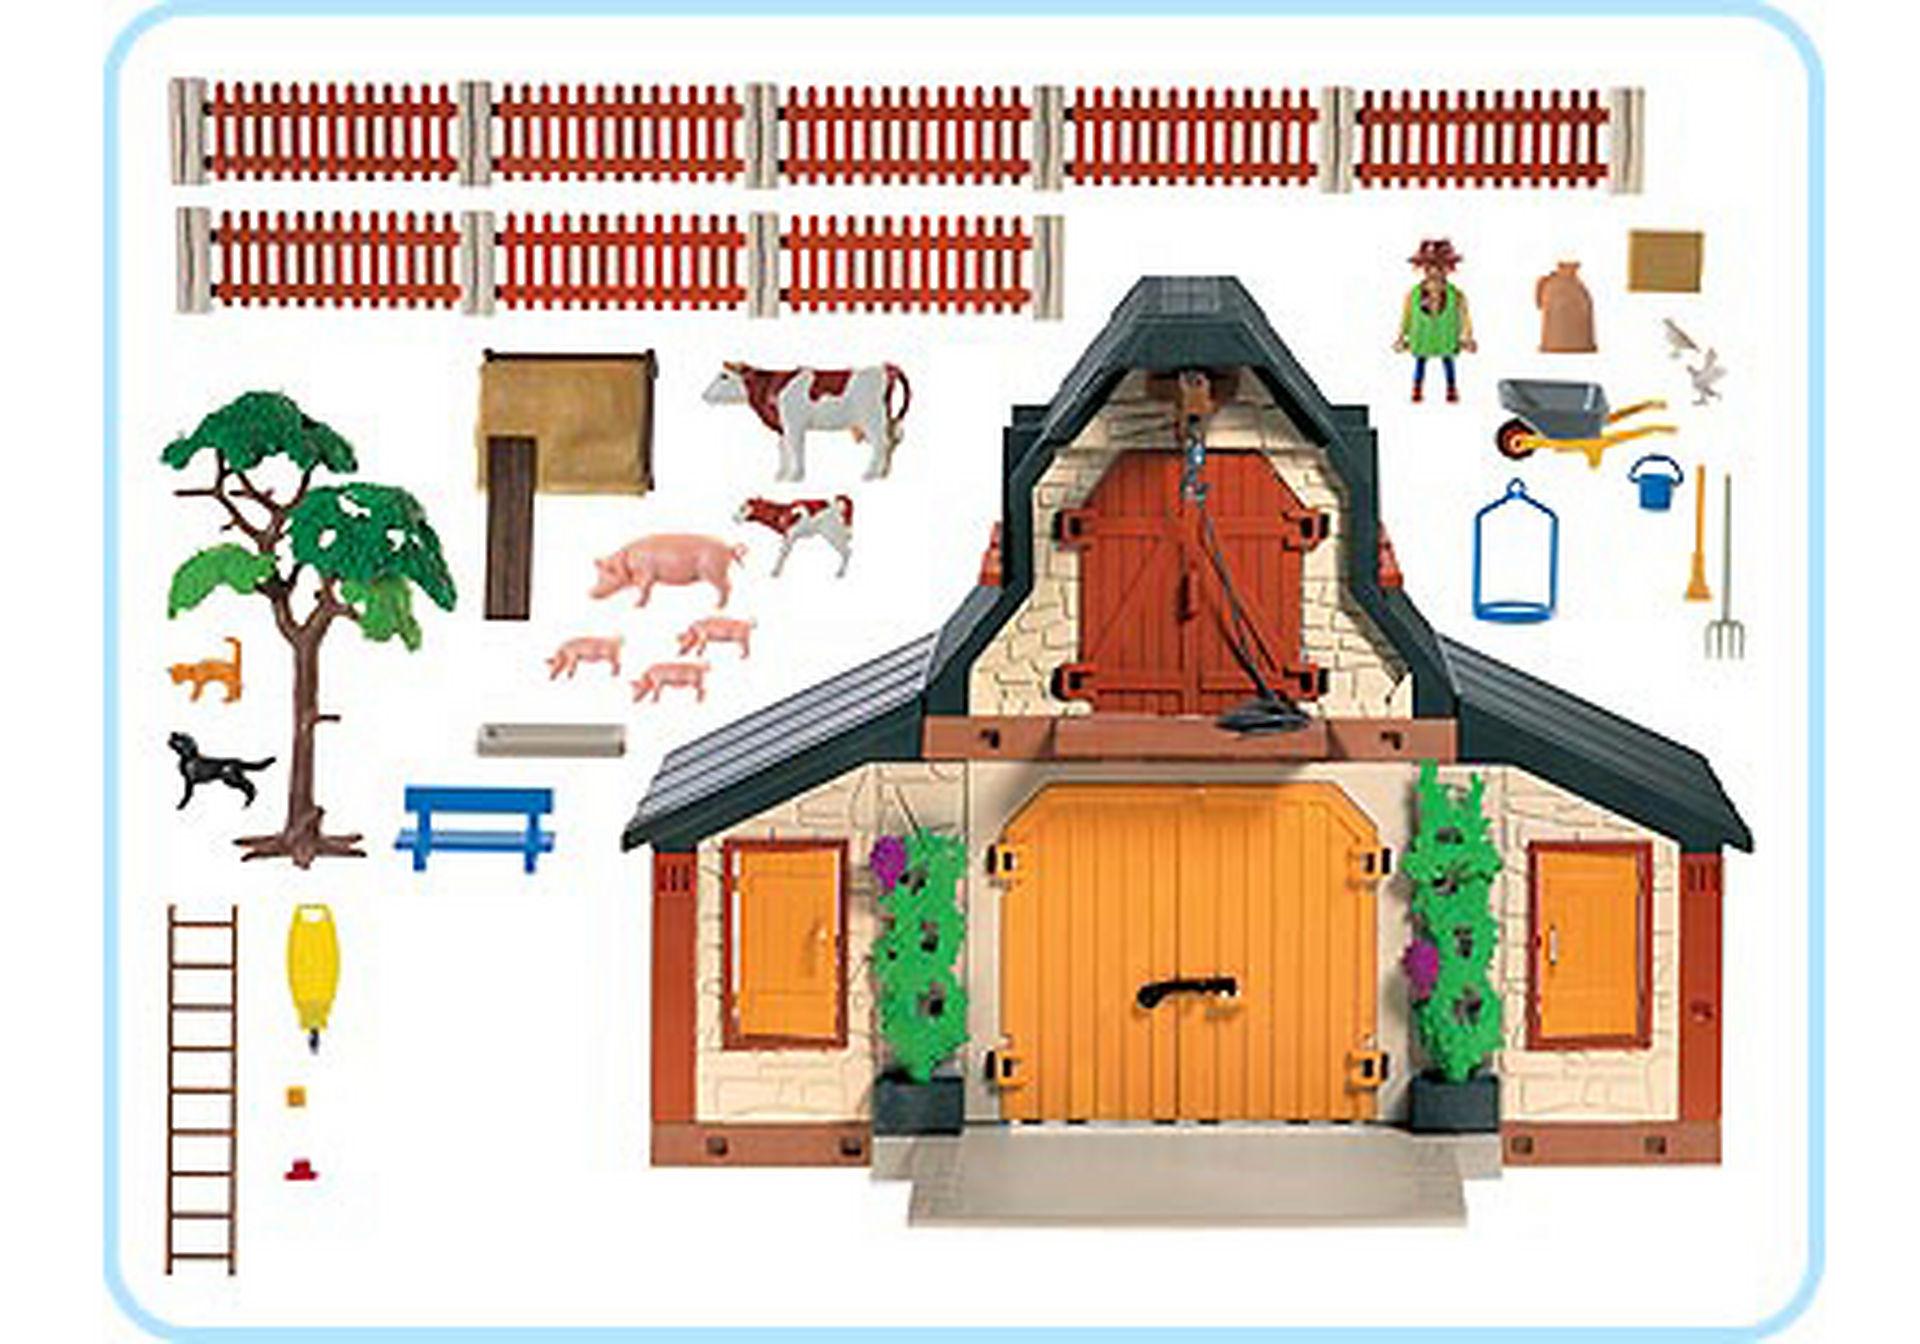 3072-A Bauernhof klein zoom image2